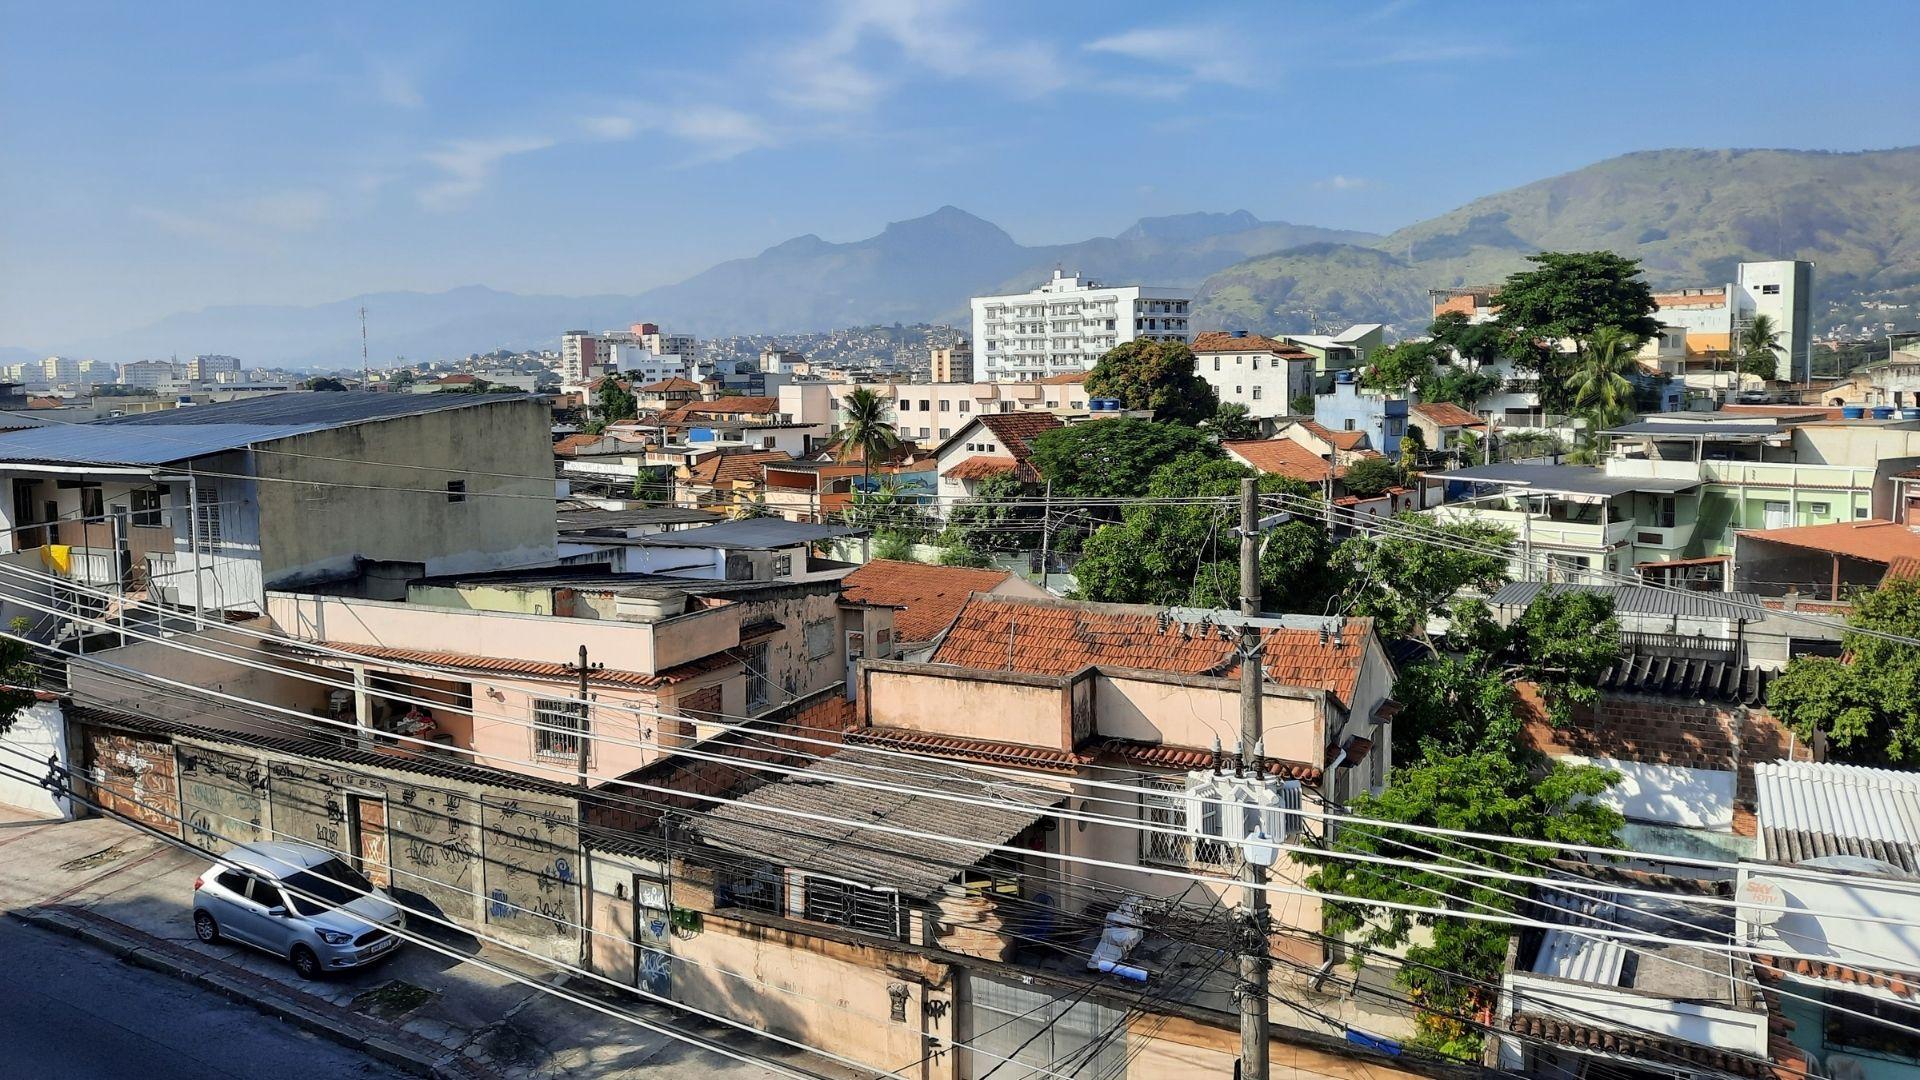 Bairro residencial na cidade com casas, prédios, postes com fios e o céu ao fundo